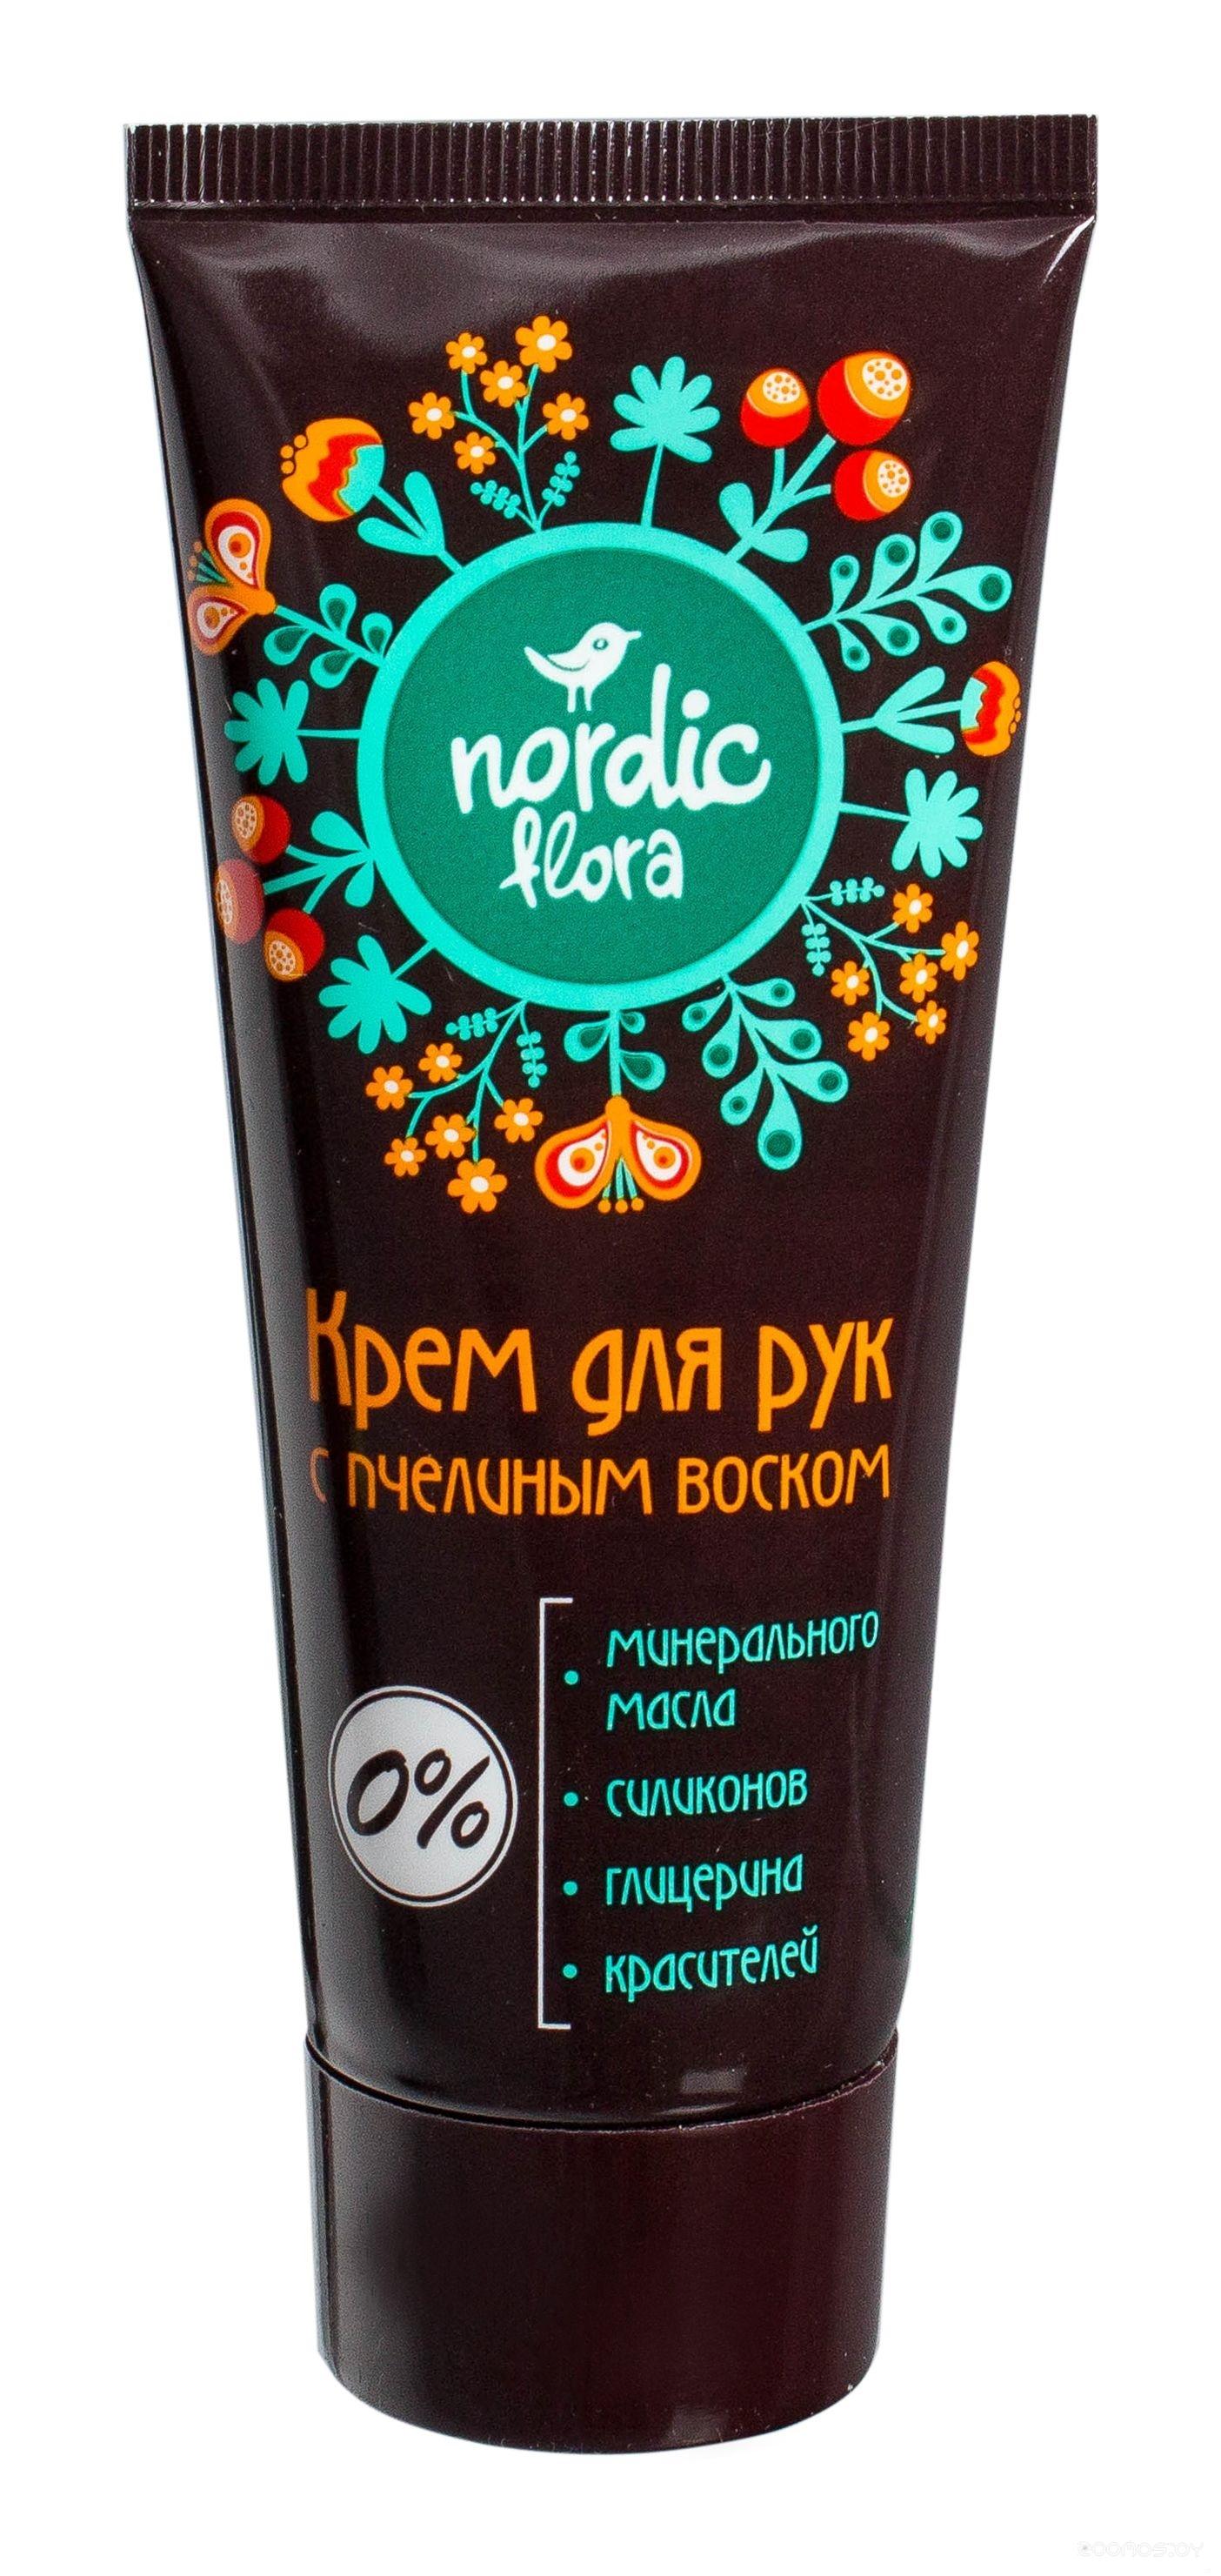 Modum Nordic Flora с пчелиным воском 75 г